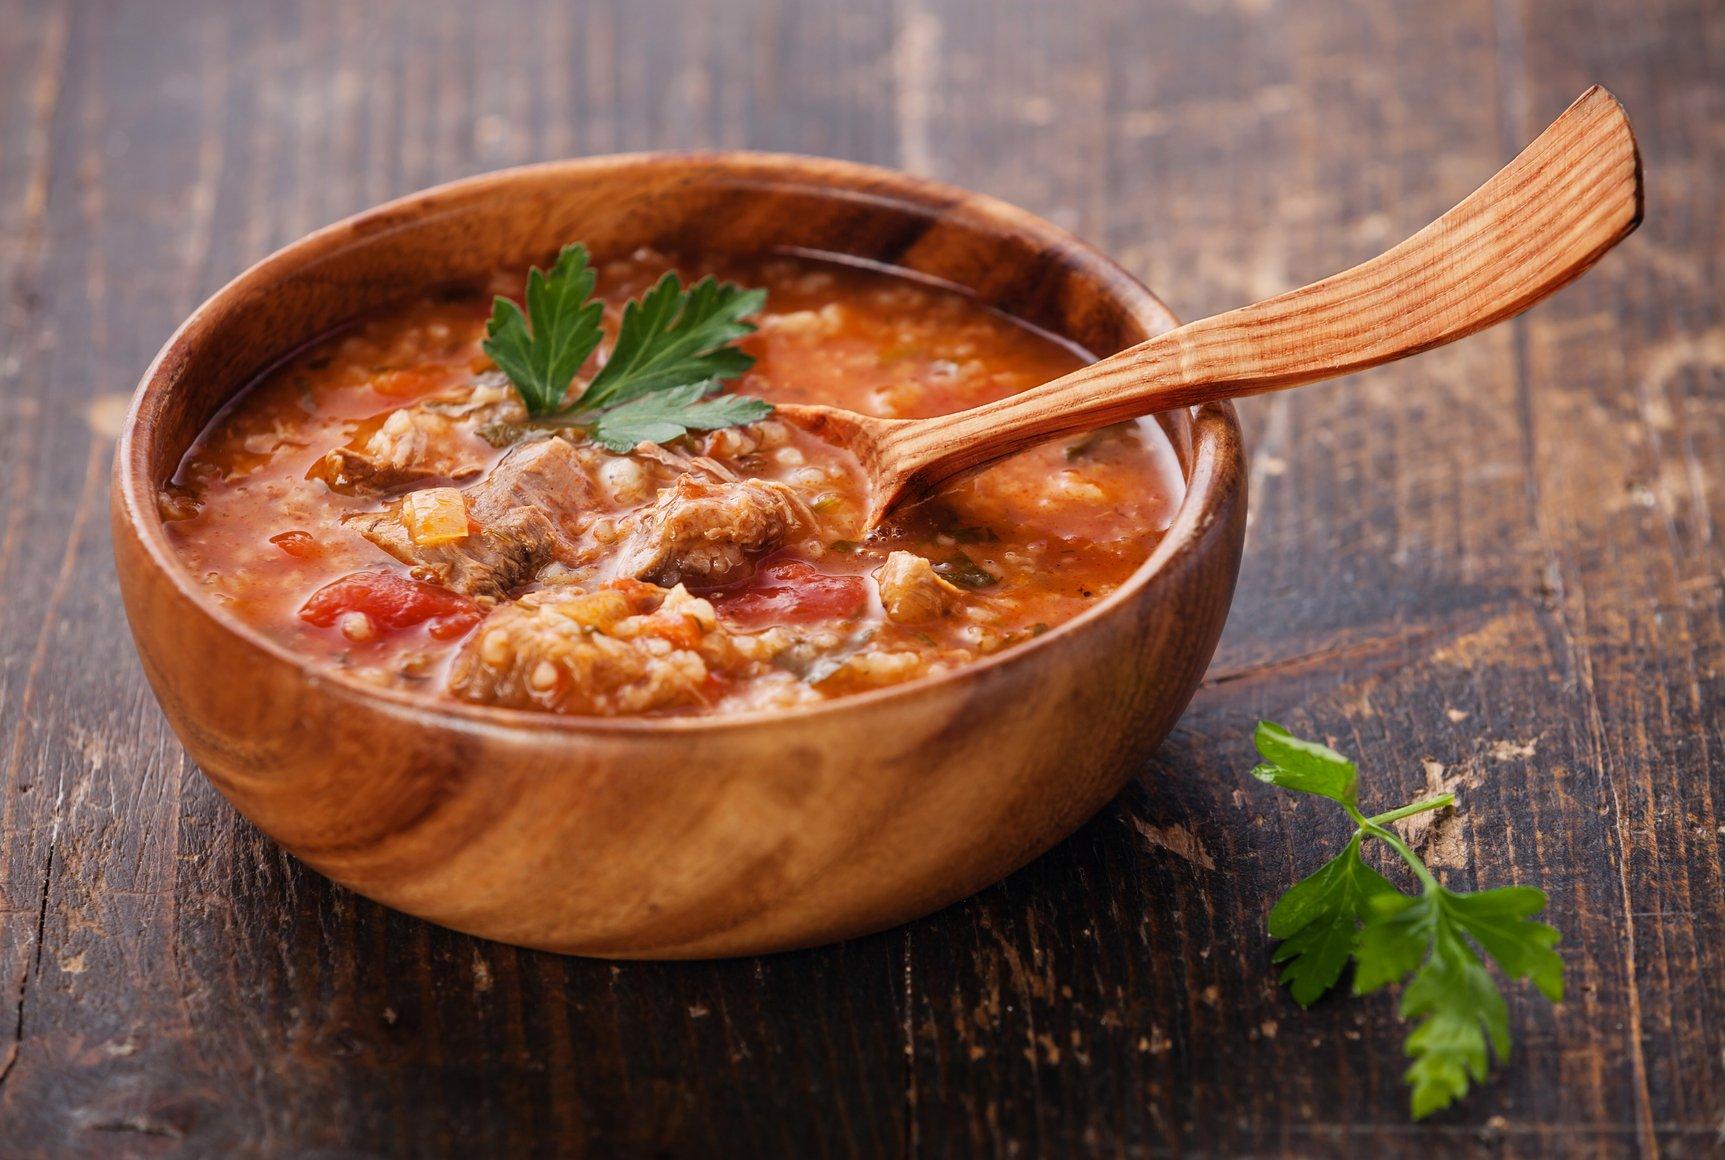 такое рахит суп харчо из баранины рецепт с фото бани беседкой отличаются